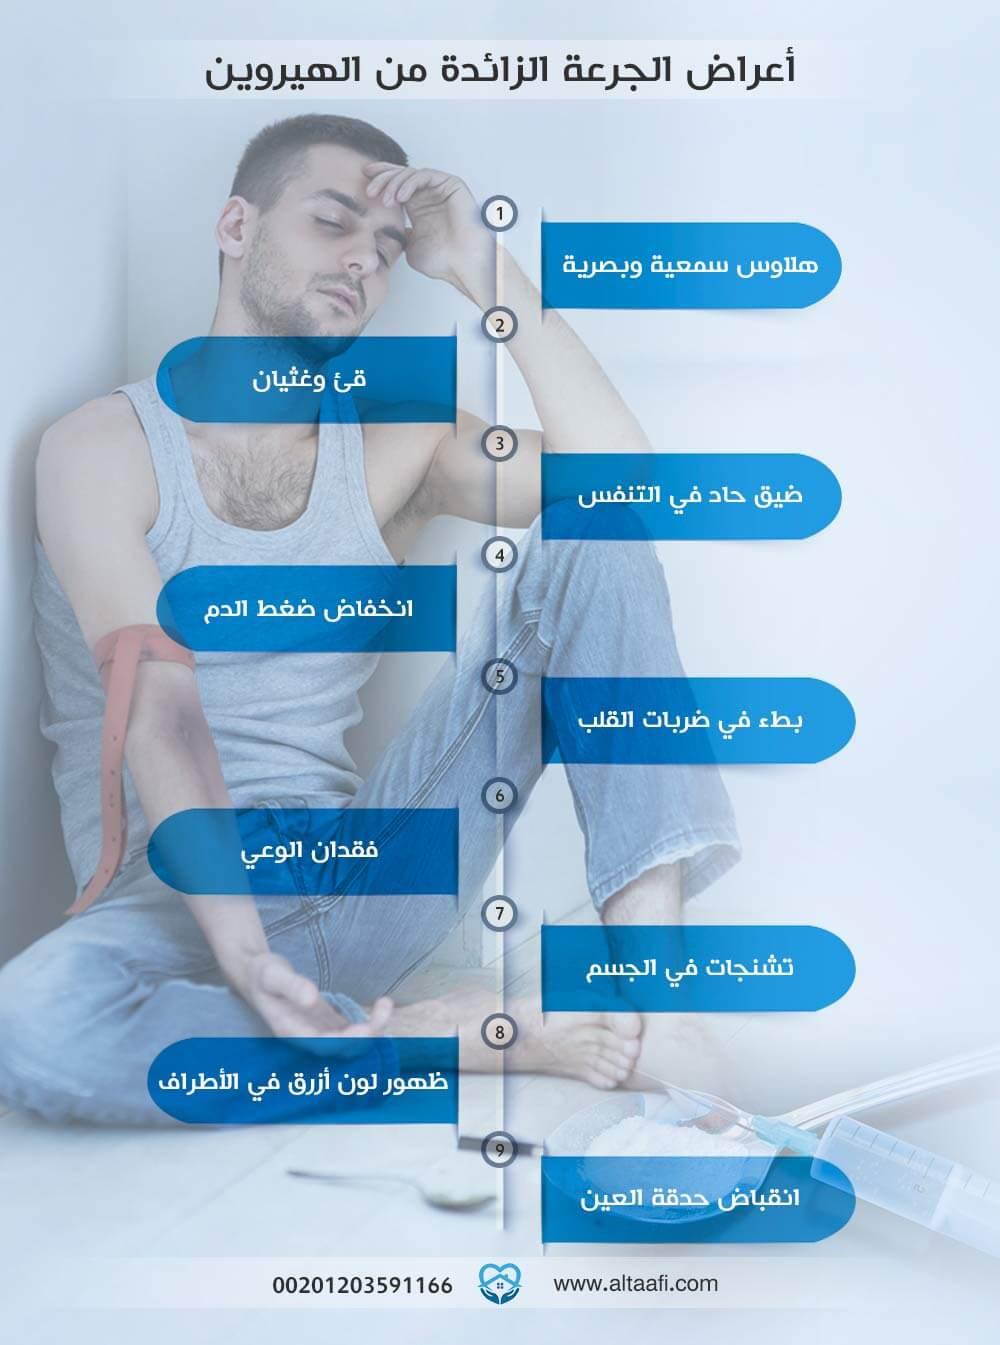 أعراض الجرعة الزائدة من الهيروين